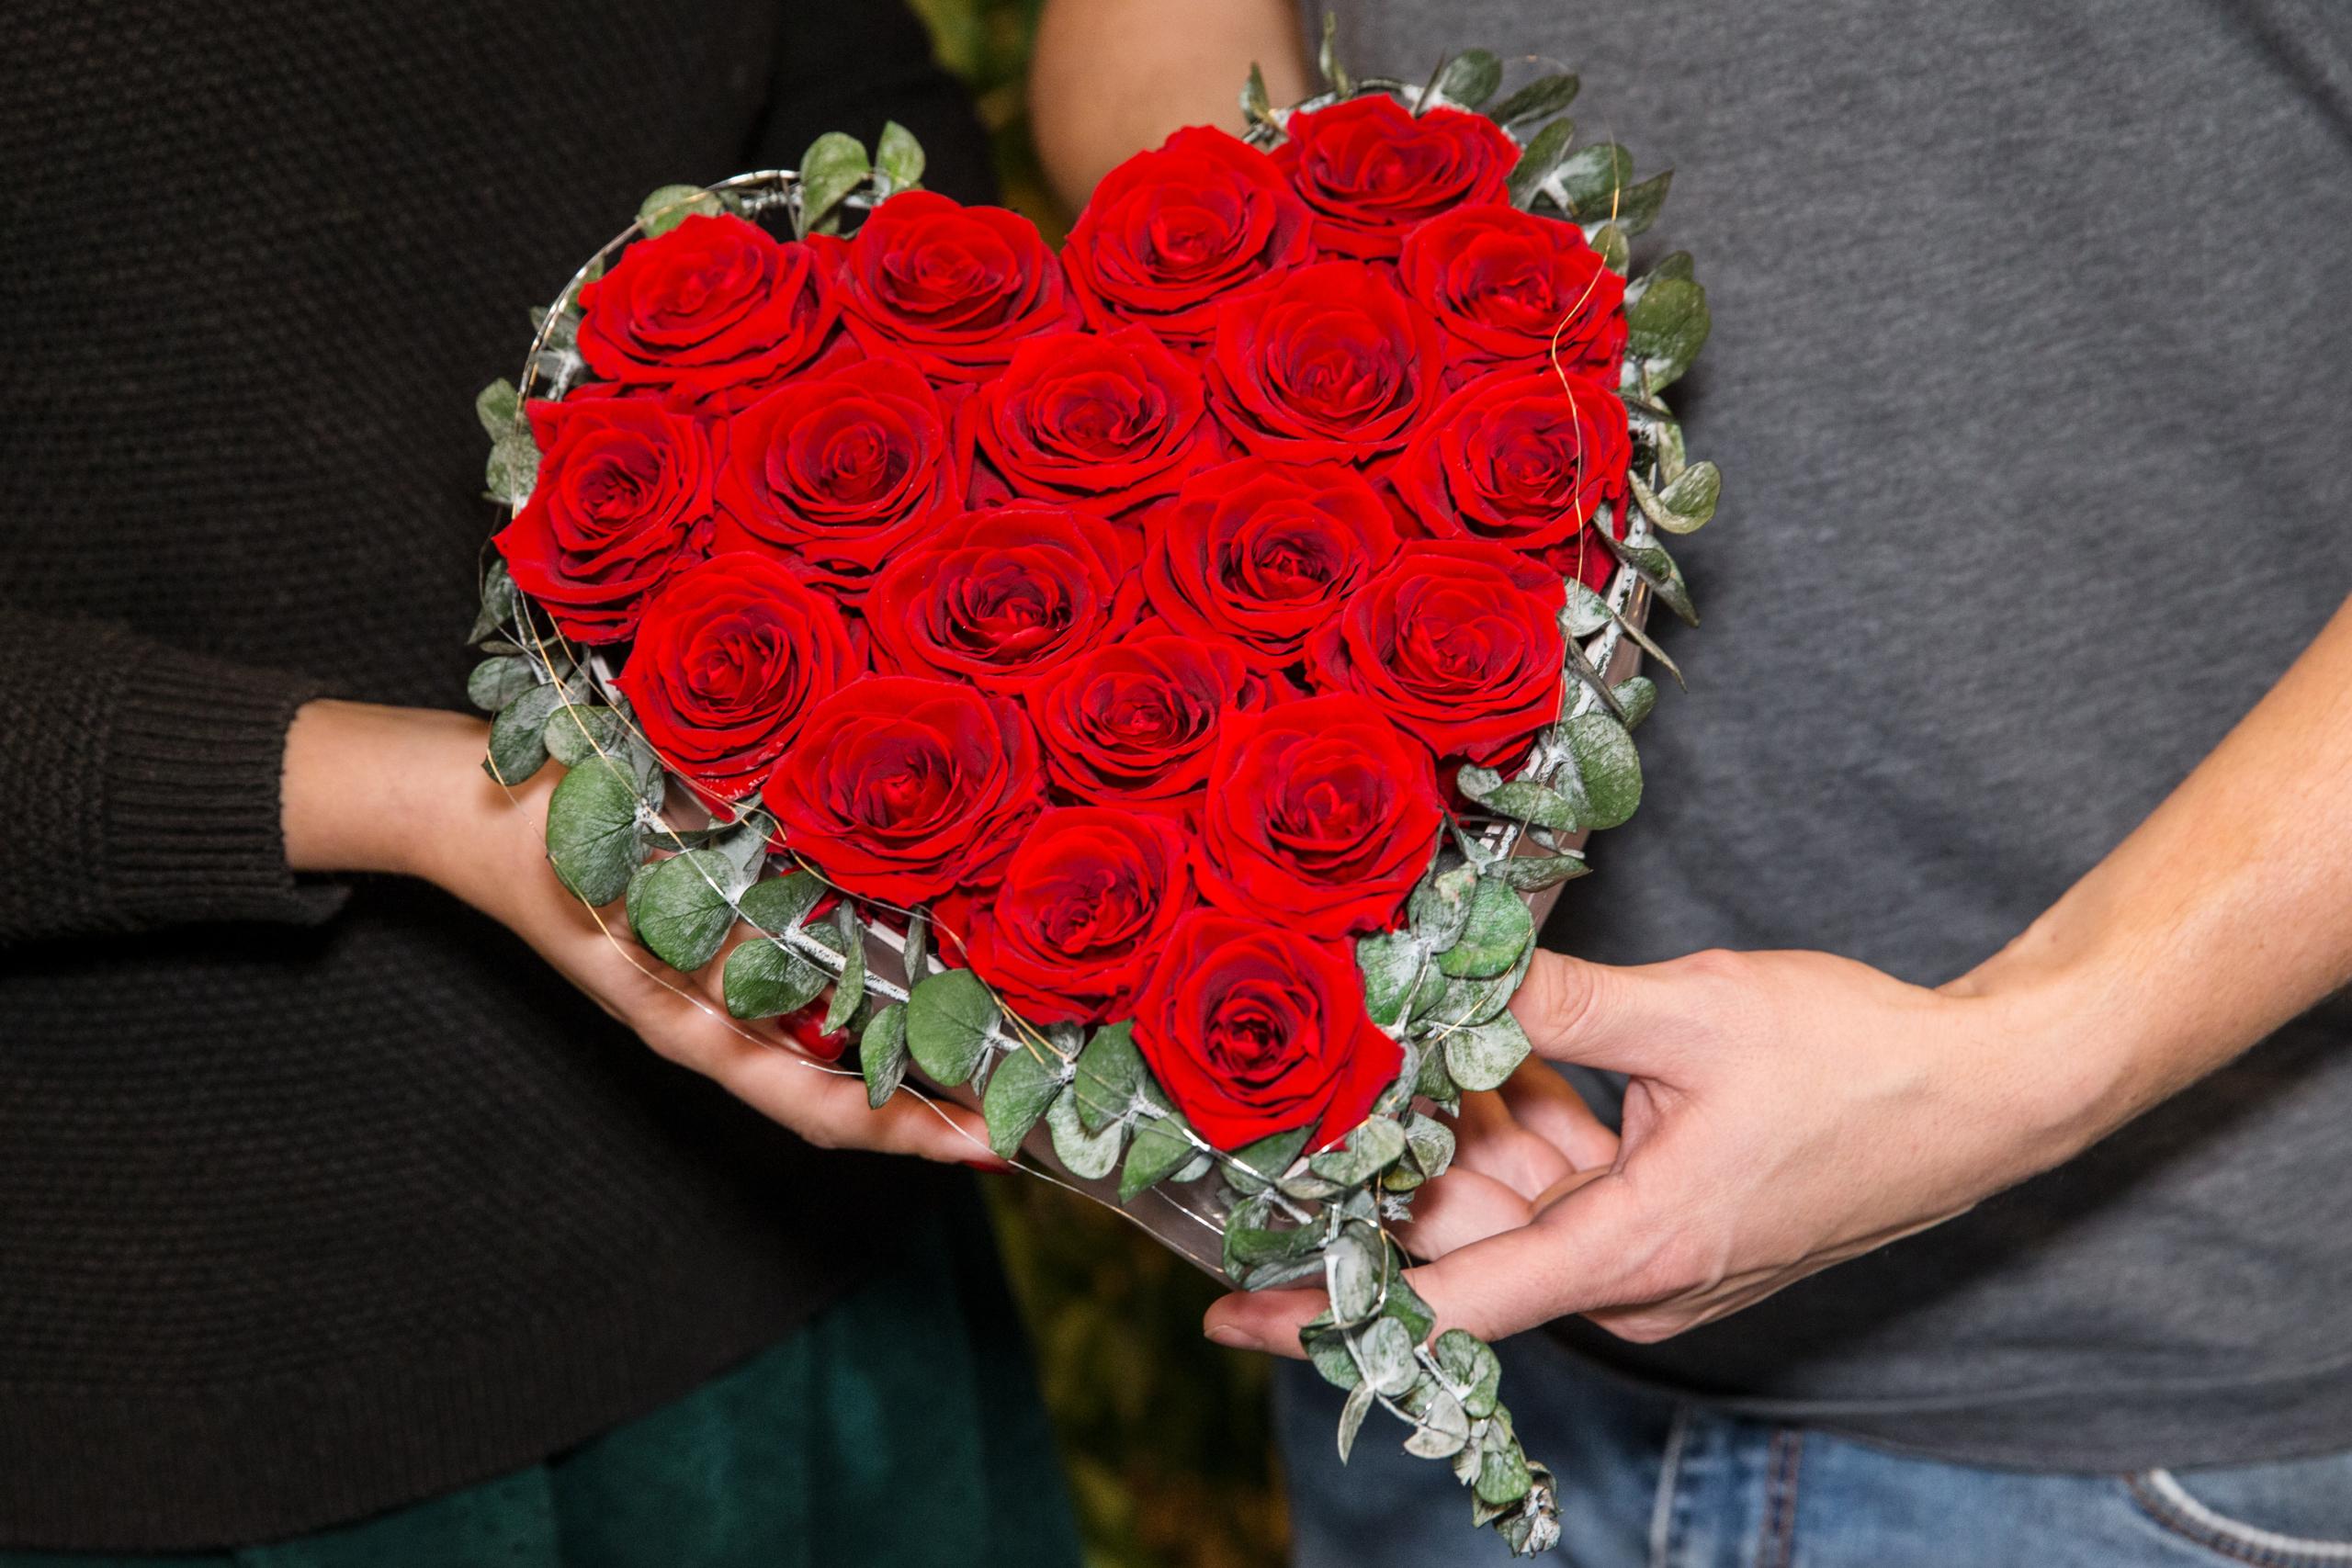 Das Weihnachtsgeschenk für die Frau Eurer Herzen